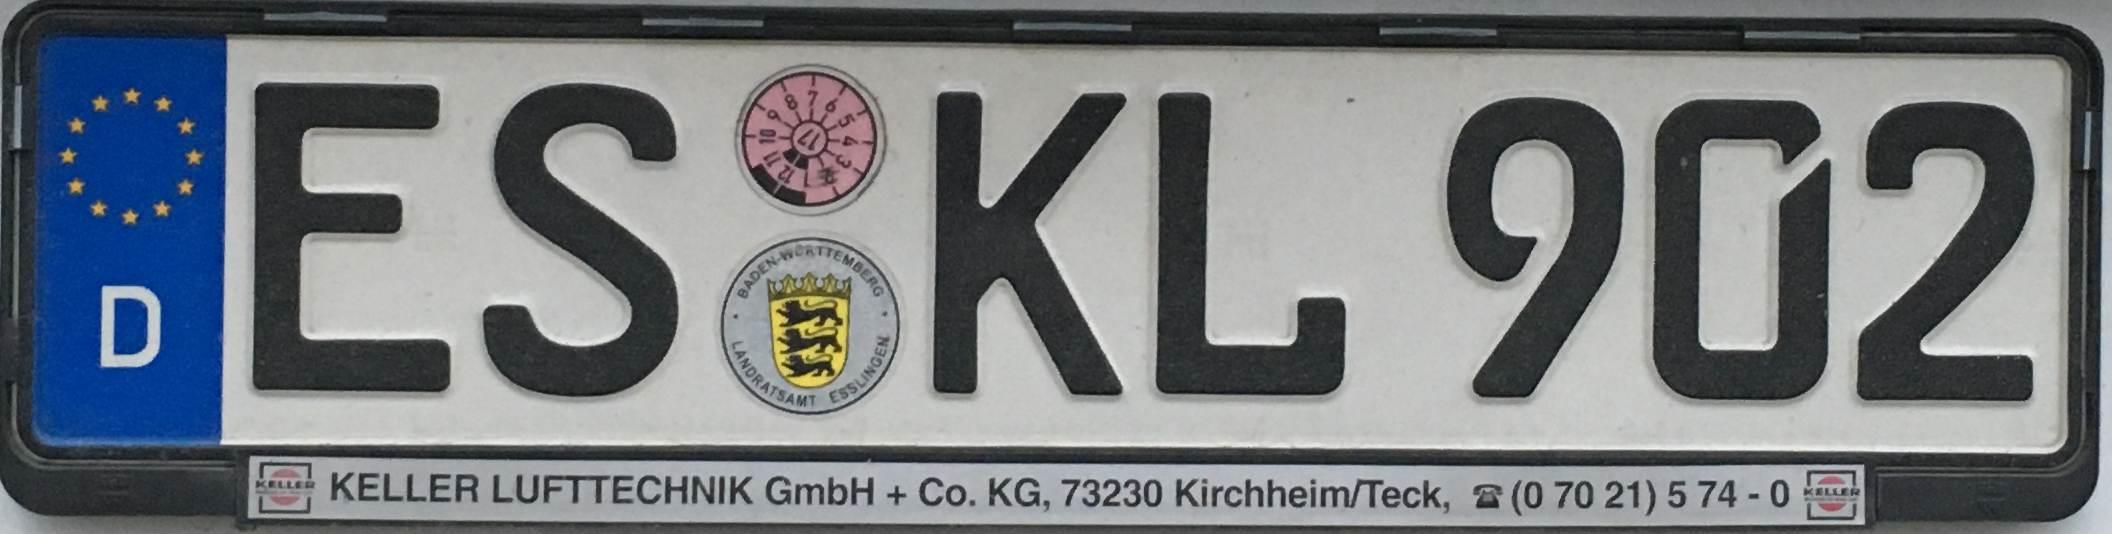 Registrační značky Německo - ES - Esslingen, foto: www.podalnici.cz